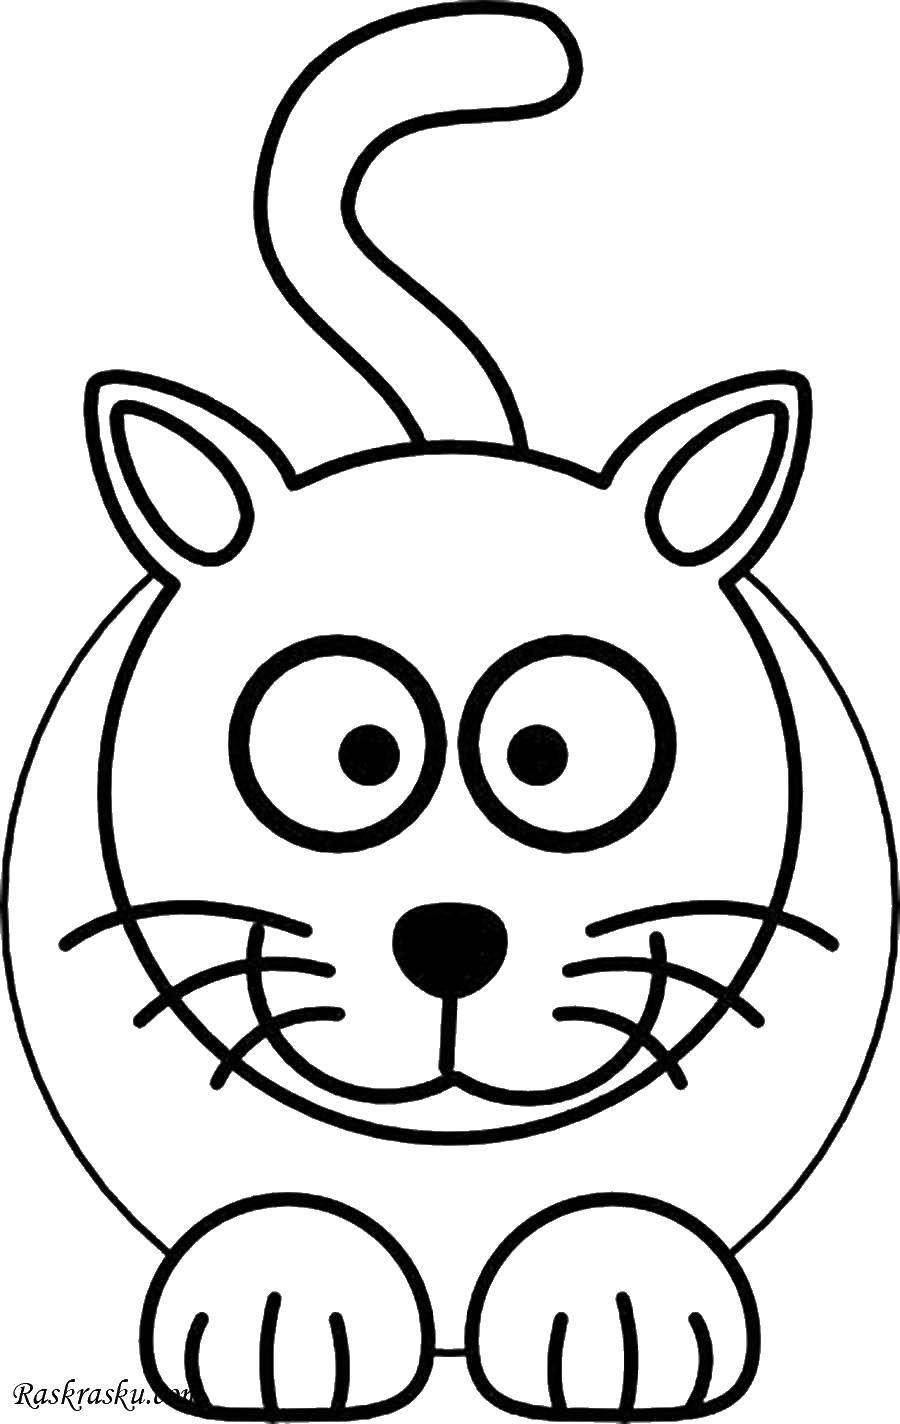 Раскраска Круглый кот. Скачать кот, круг, хвостик.  Распечатать ,котики,